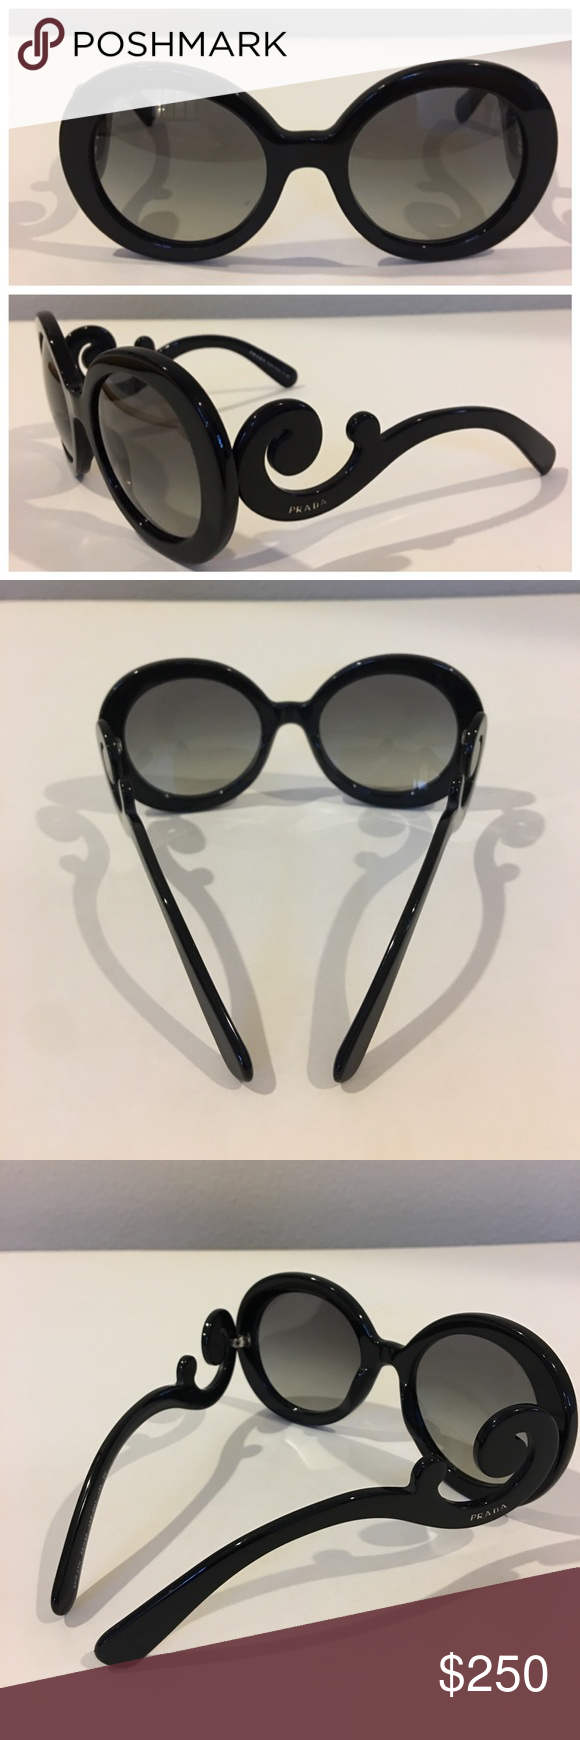 14e11d5c2a9 Authentic PRADA sunglasses Authentic black PRADA sunglasses. Made in Italy